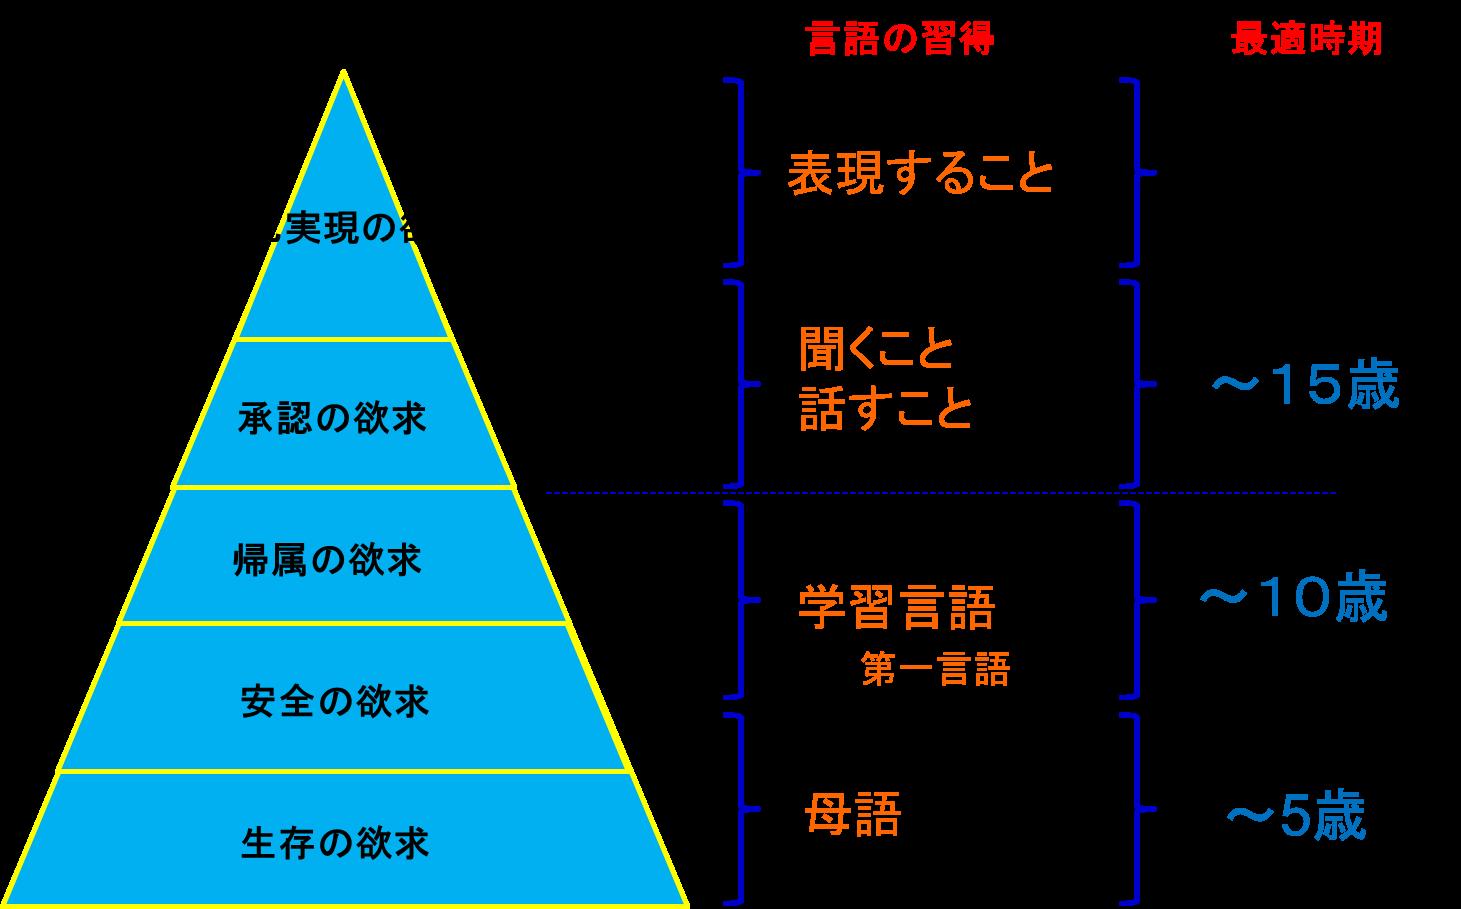 日本語のチカラ: 学習言語(第一言語)と小学校のカリキュラム